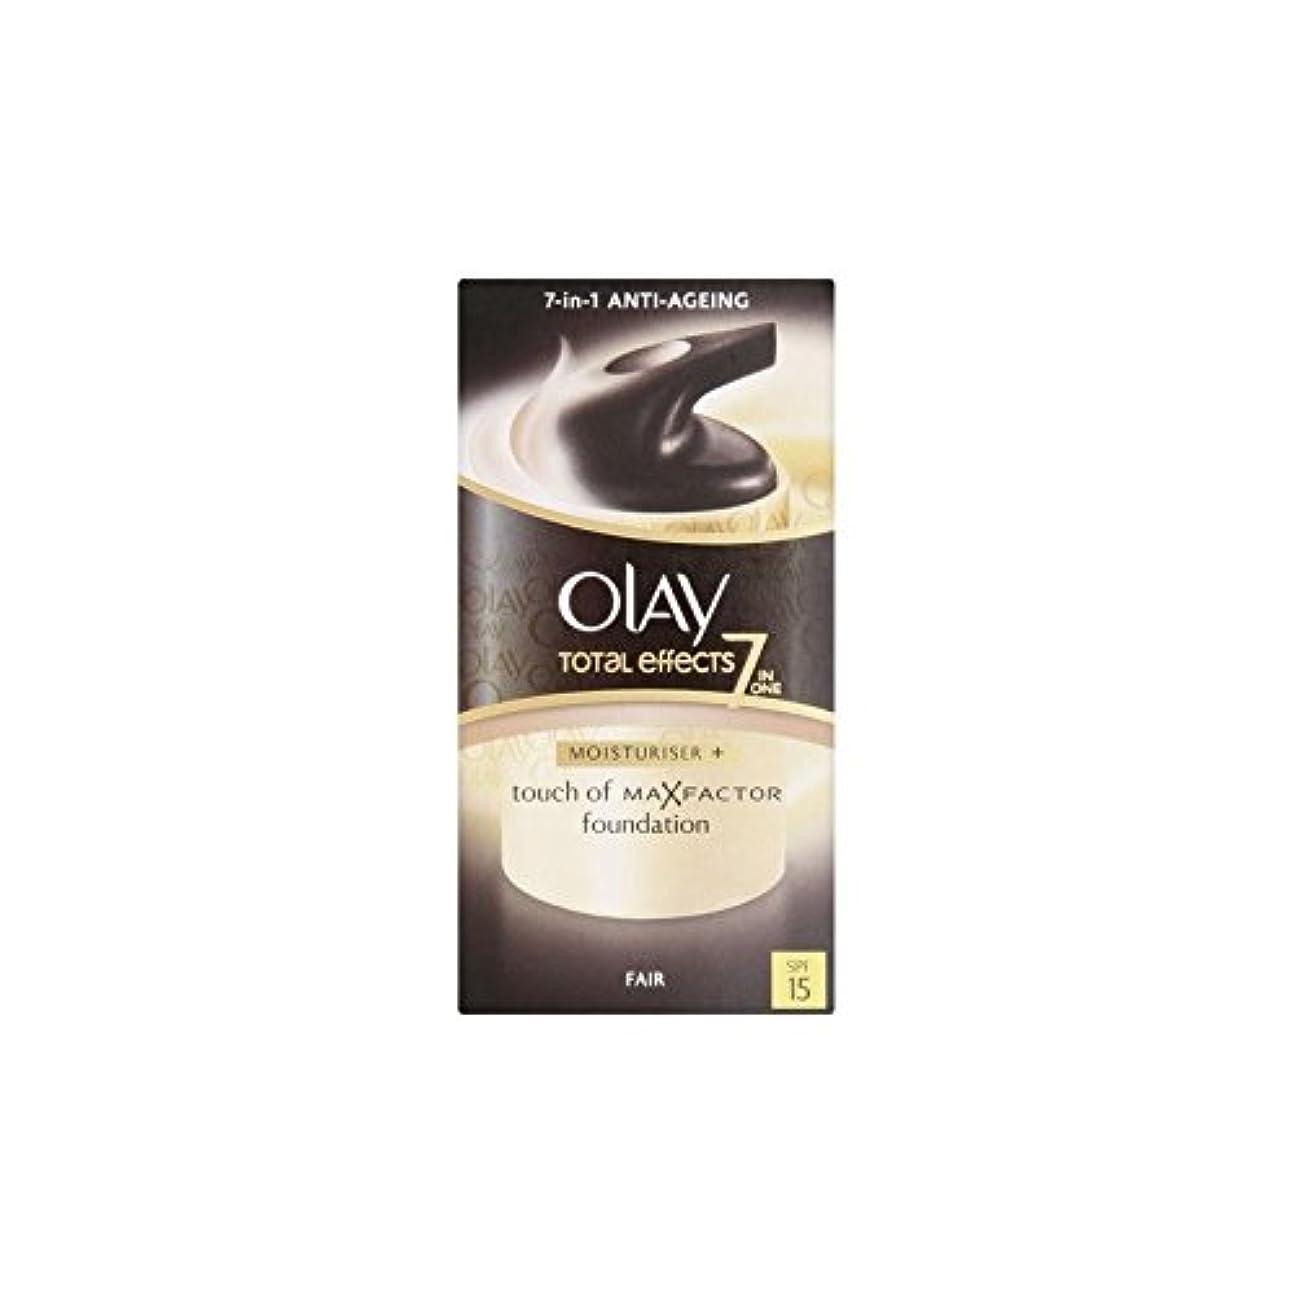 回復する毒リフレッシュOlay Total Effects Moisturiser Bb Cream Spf15 - Fair (50ml) - オーレイトータルエフェクト保湿クリーム15 - フェア(50ミリリットル) [並行輸入品]